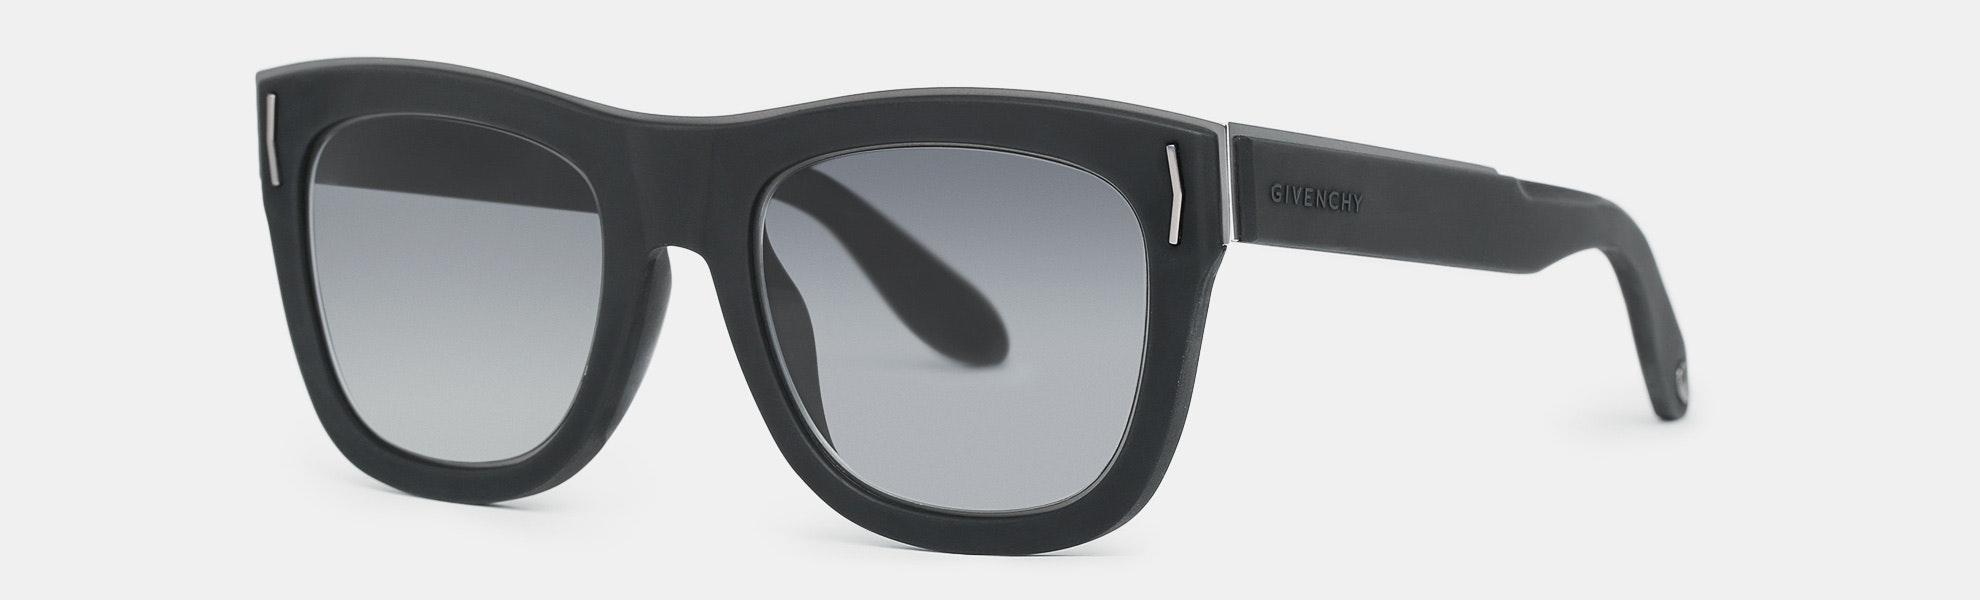 Givenchy Paris Soft Square Sunglasses